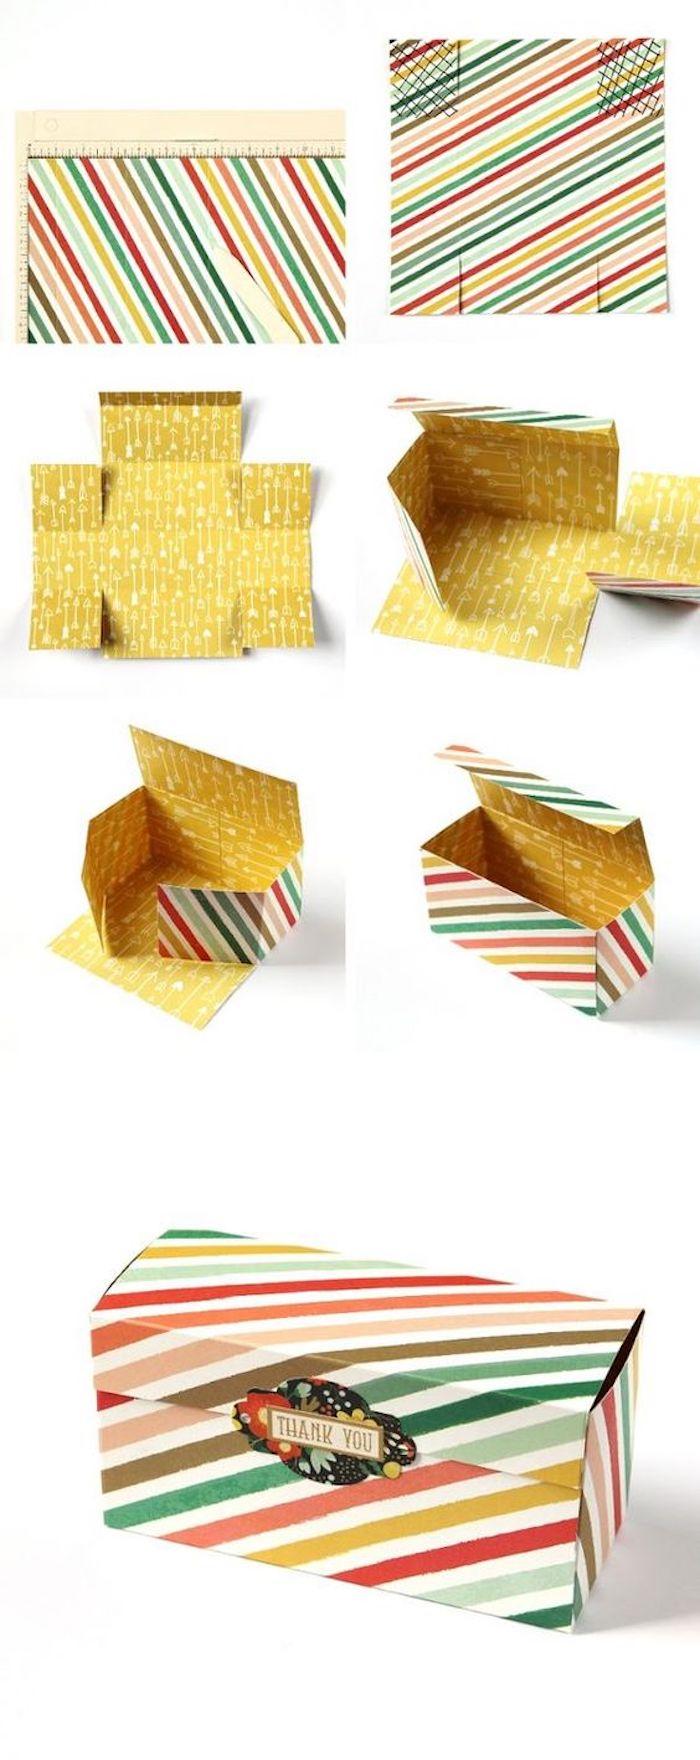 Pappschachteln - eine kleine Schachtel in vielen Farben selber falten - eine Anleitung